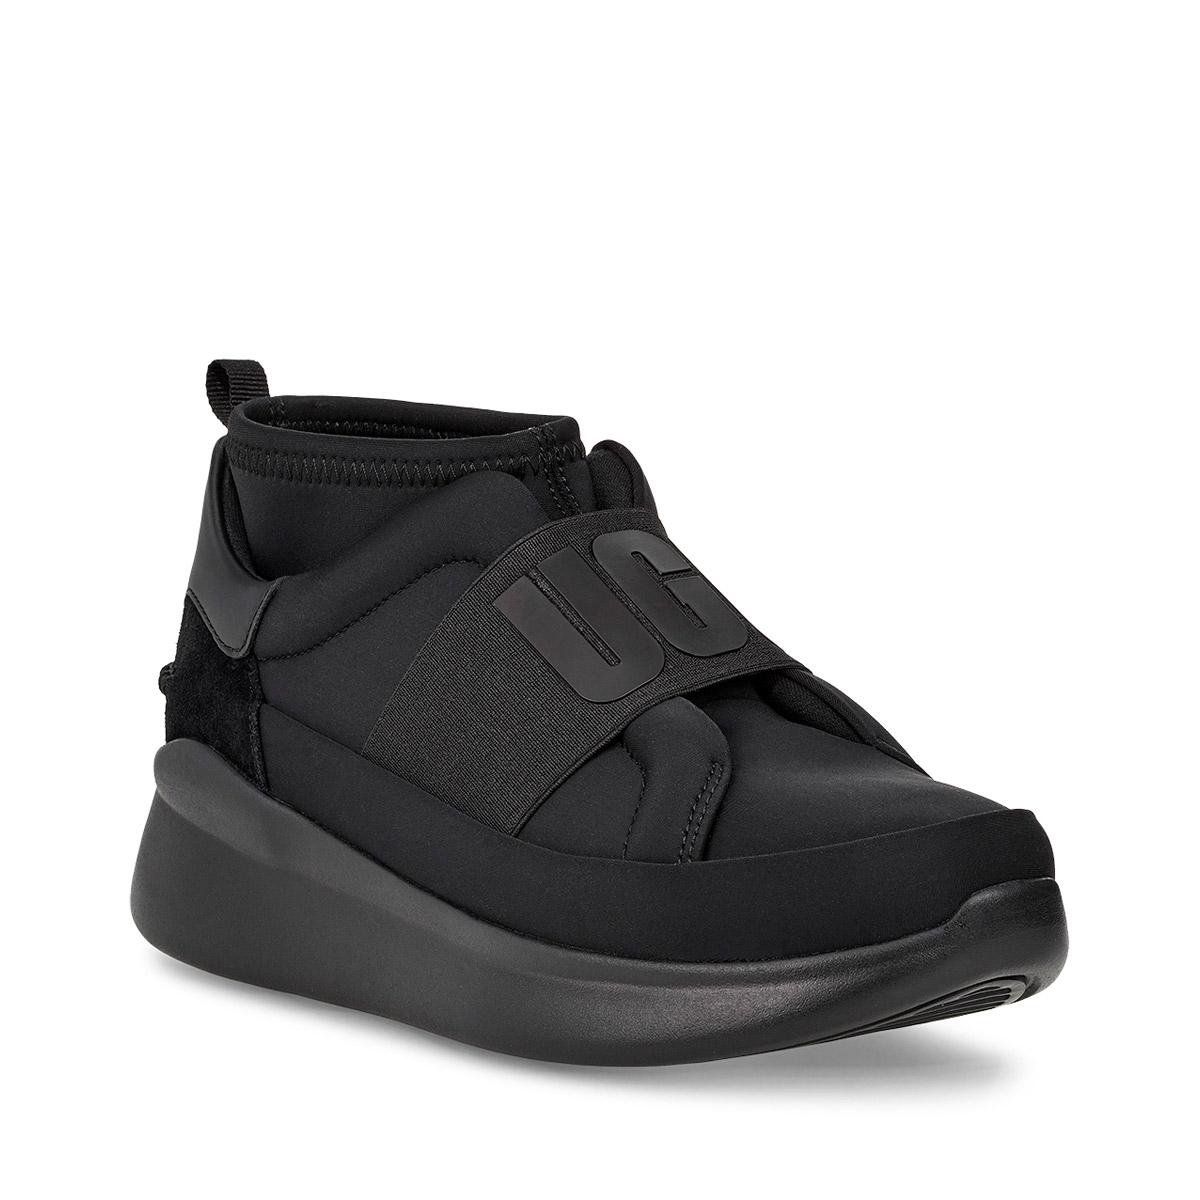 UGG Neutra Sneaker(アグ ニュートラ スニーカー)BLACK/BLACK【レディース スニーカー】19FW-I